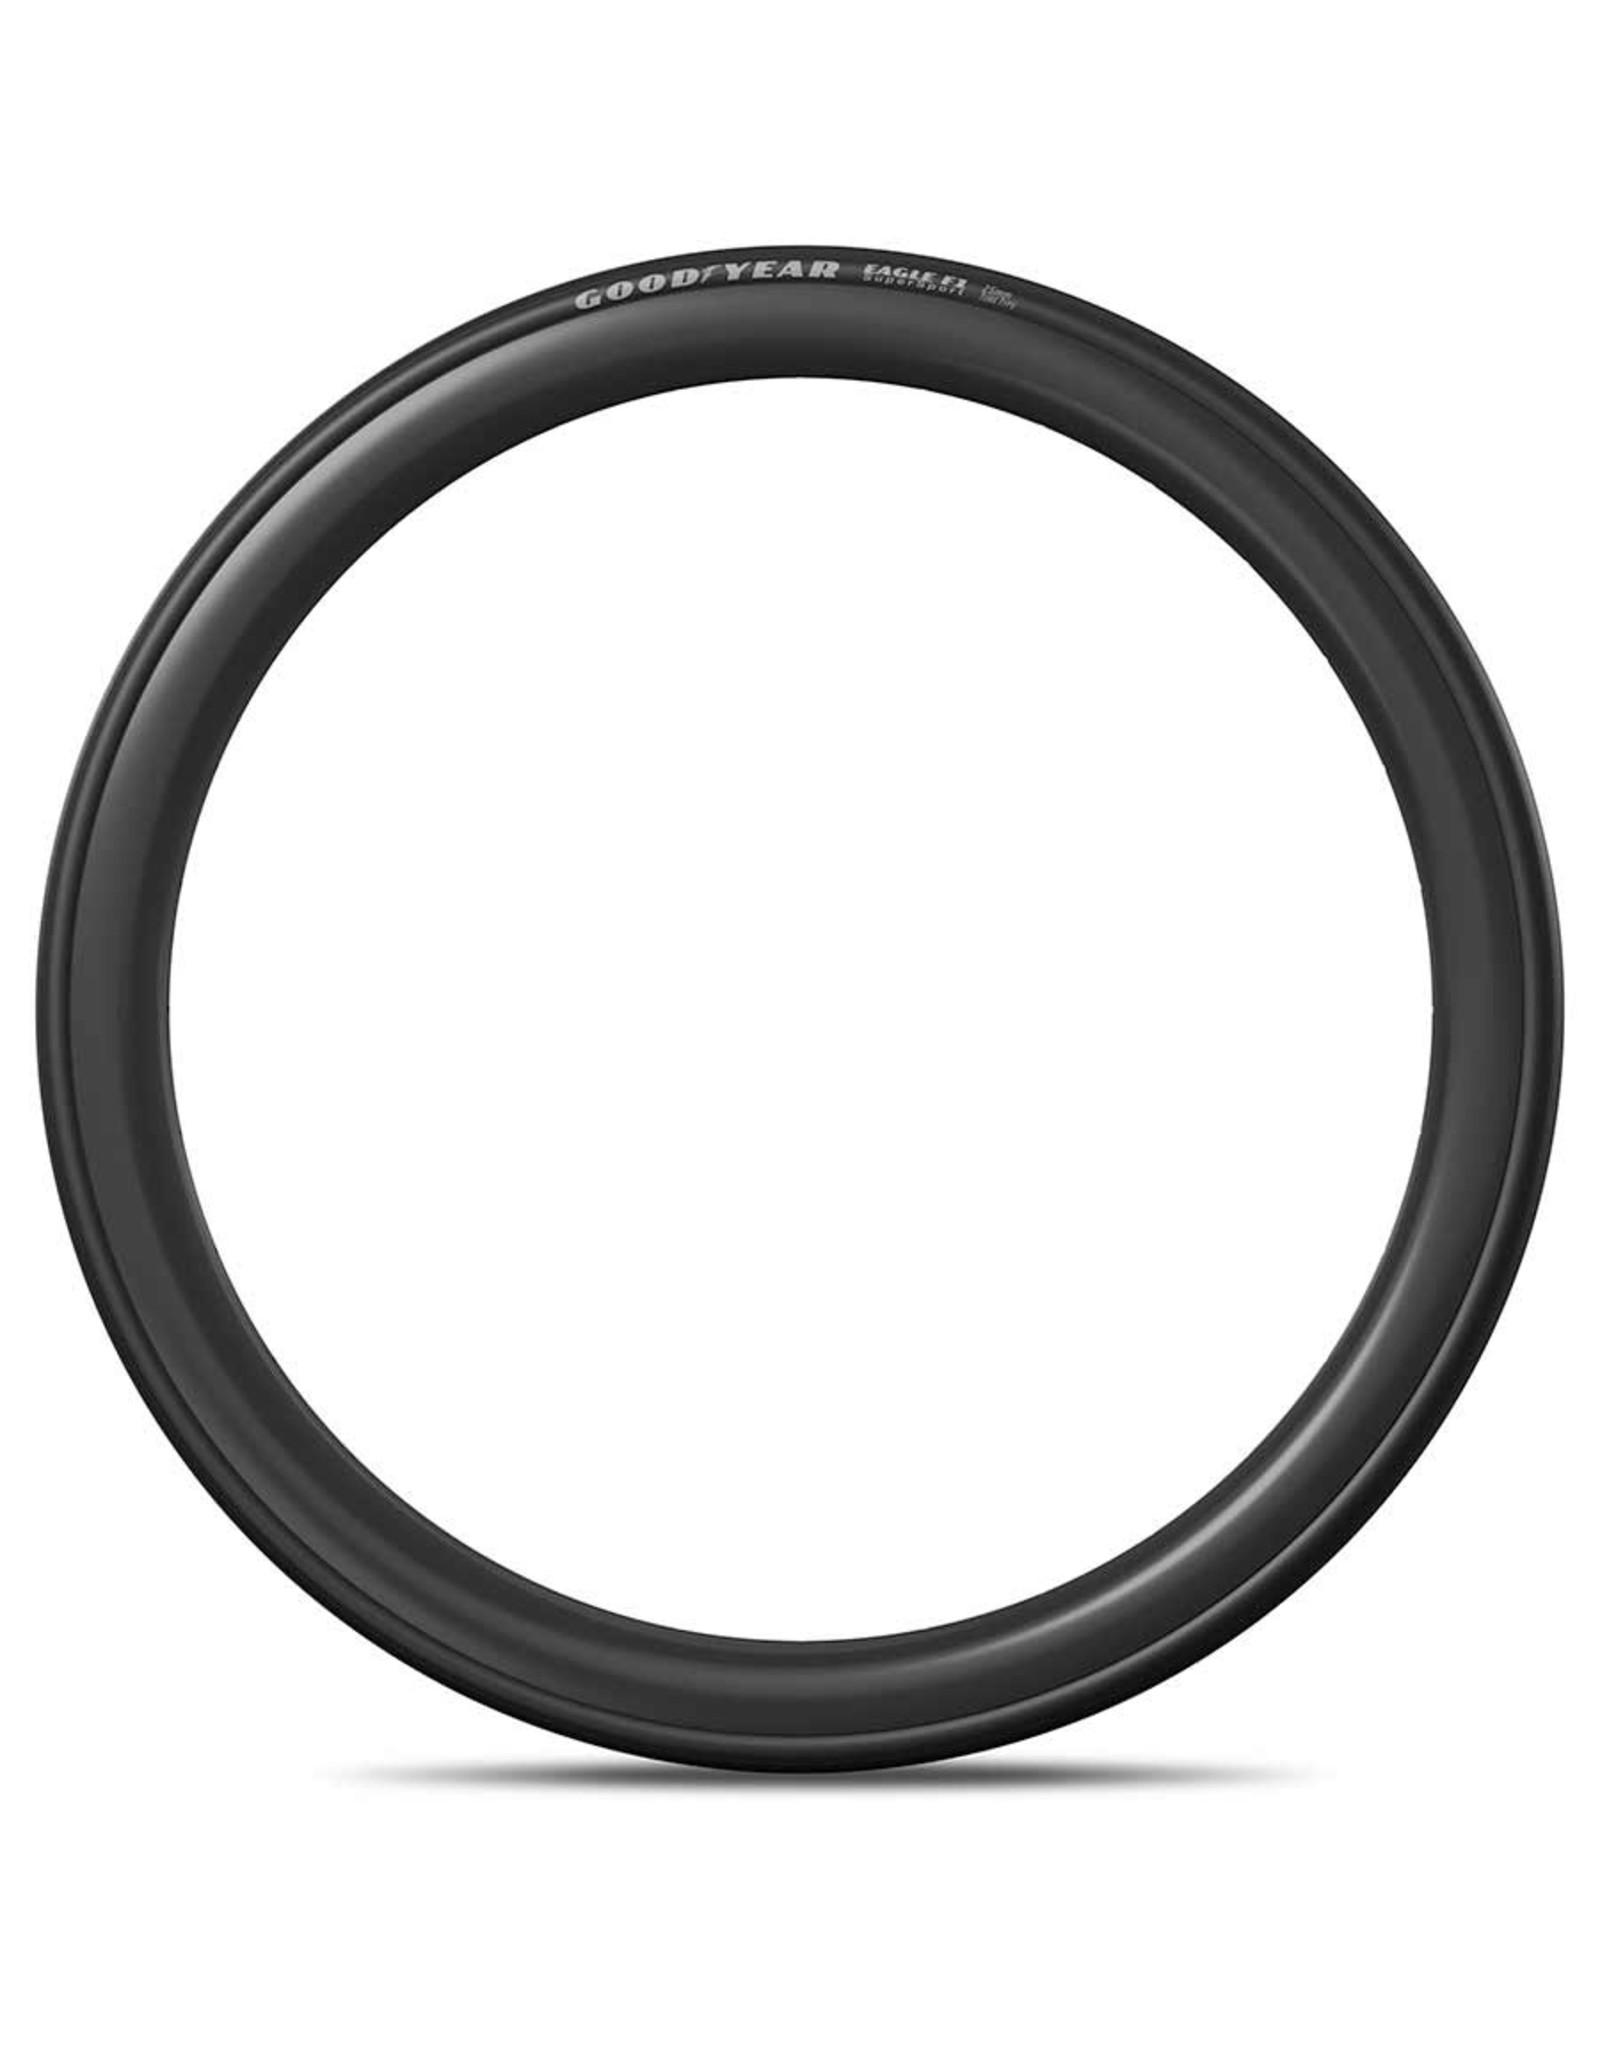 Goodyear, Eagle F1 SuperSport, Tire, 700x25C, Folding, Clincher, Dynamic:GSR, R:Shield, 120TPI, Black